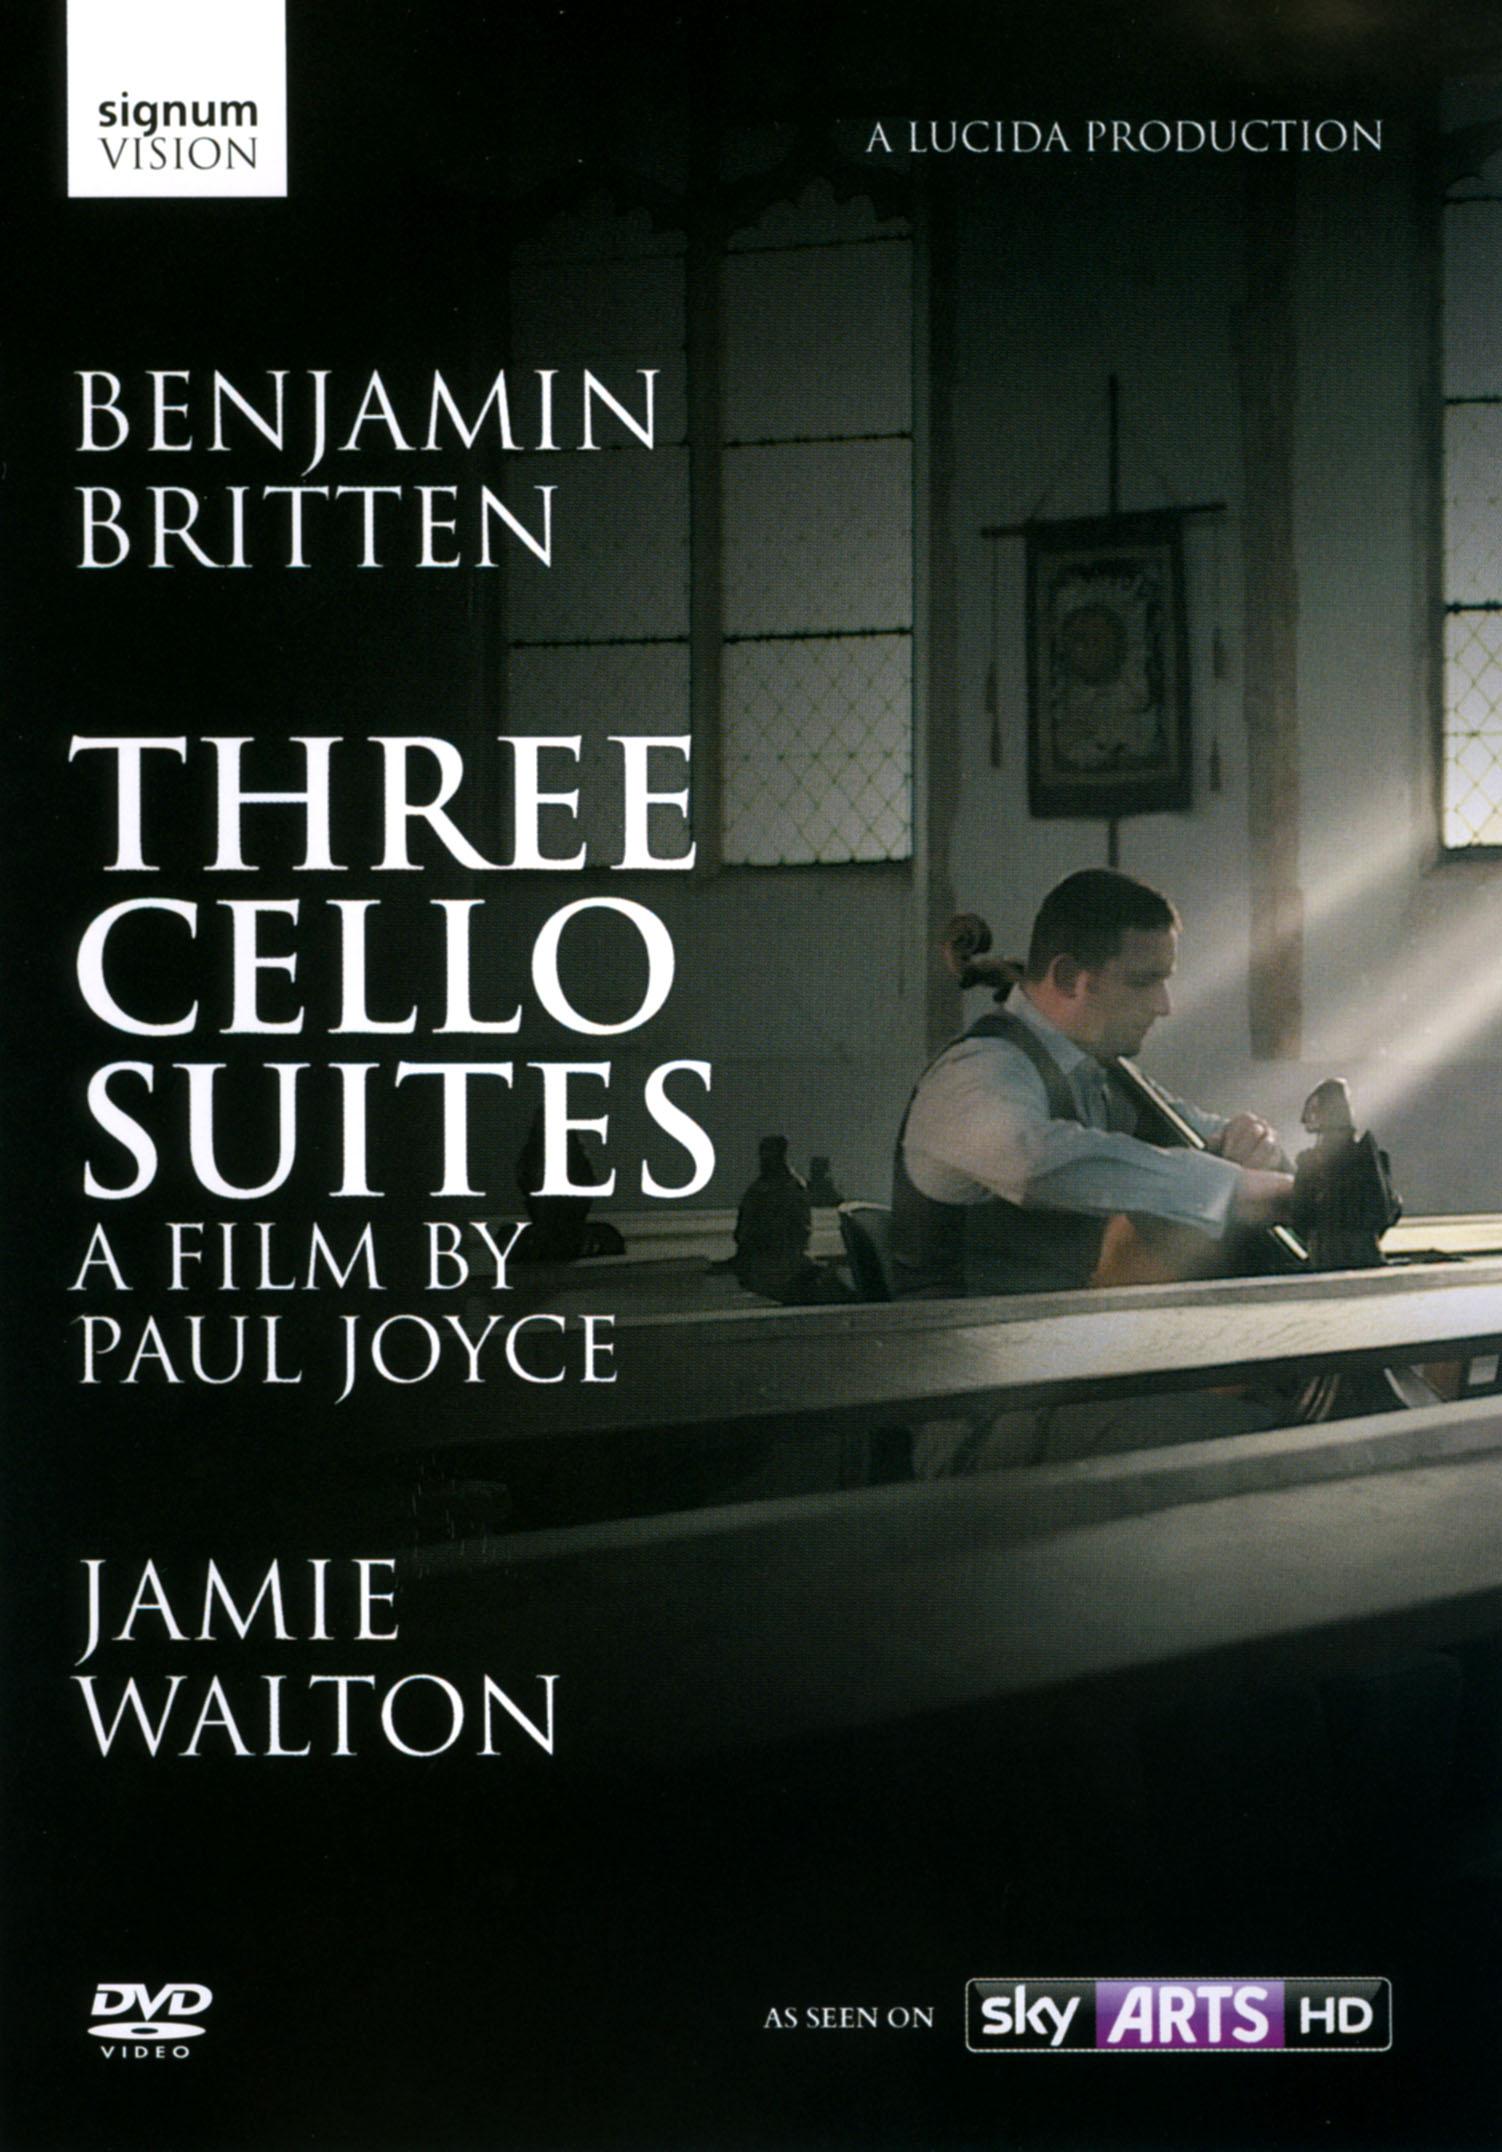 Jamie Walton: Benjamin Britten - Three Cello Suites